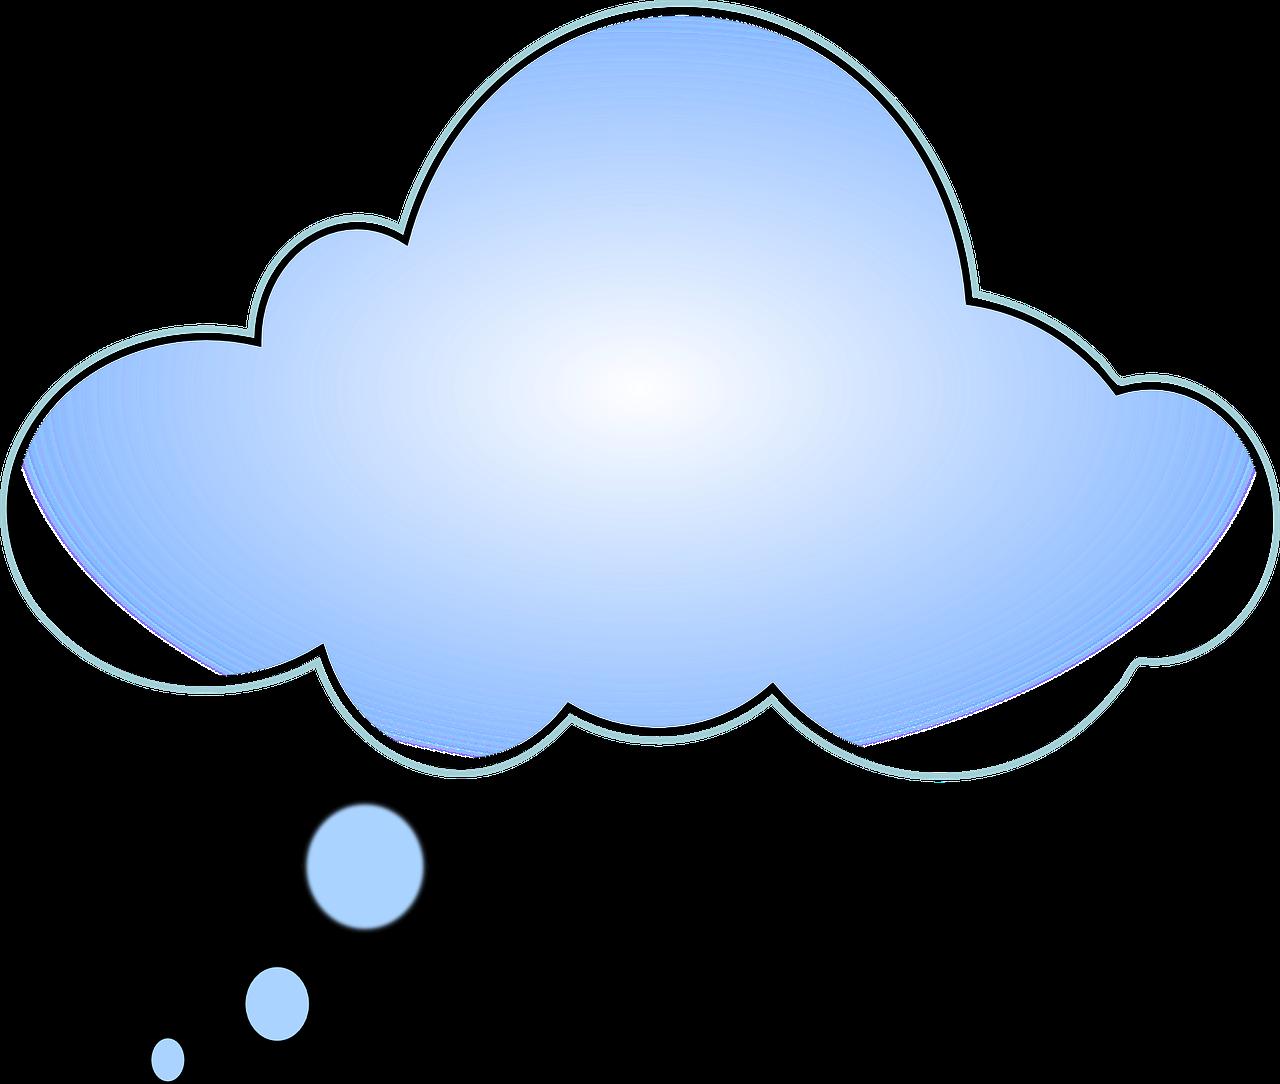 Надпись на картинке в облаке